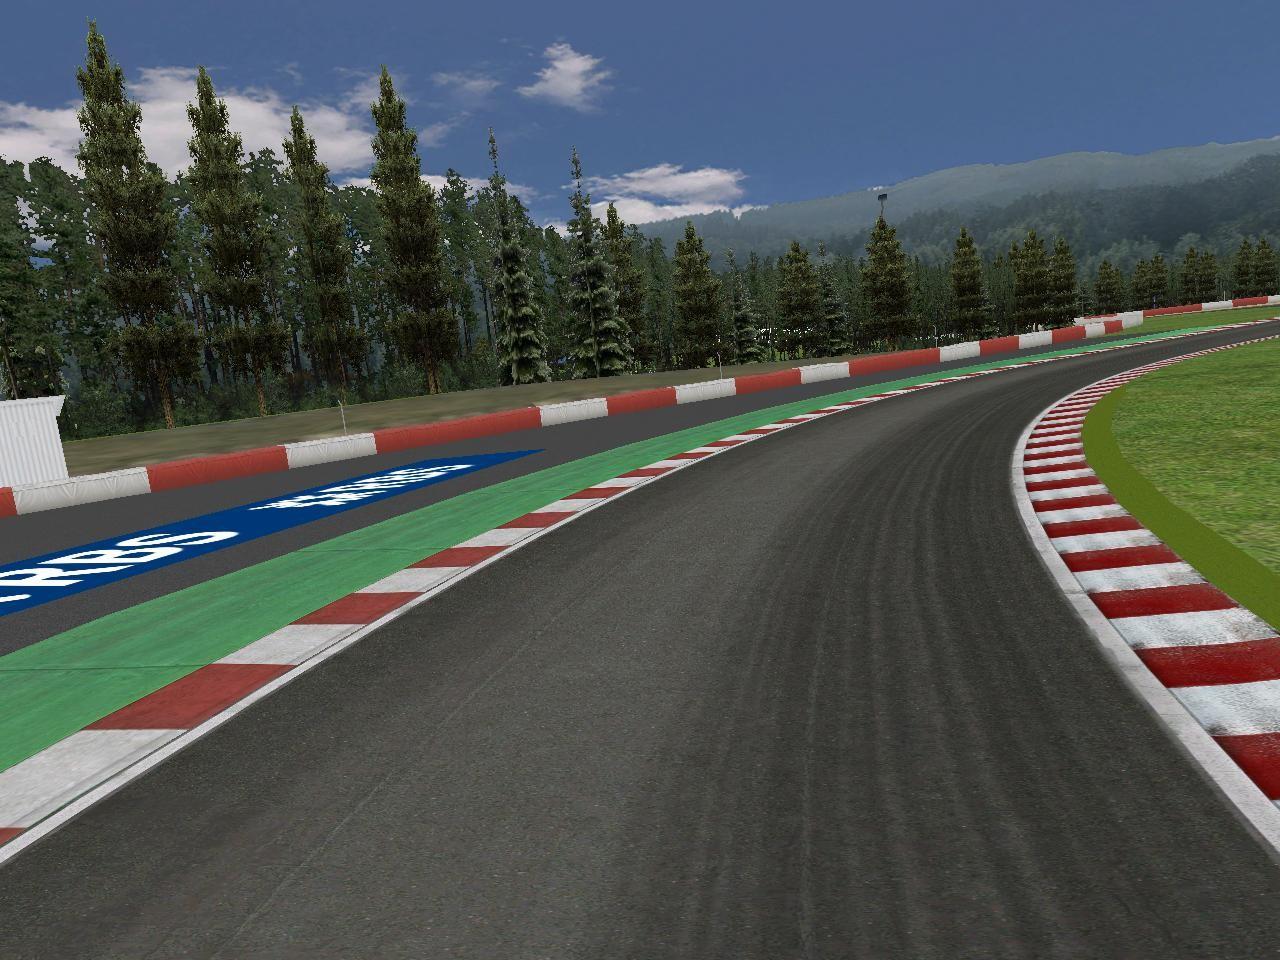 Porsche Race Car Wallpaper 1920x1080 Mmg Spa 2007 1 0 Released Virtualr Net Sim Racing News